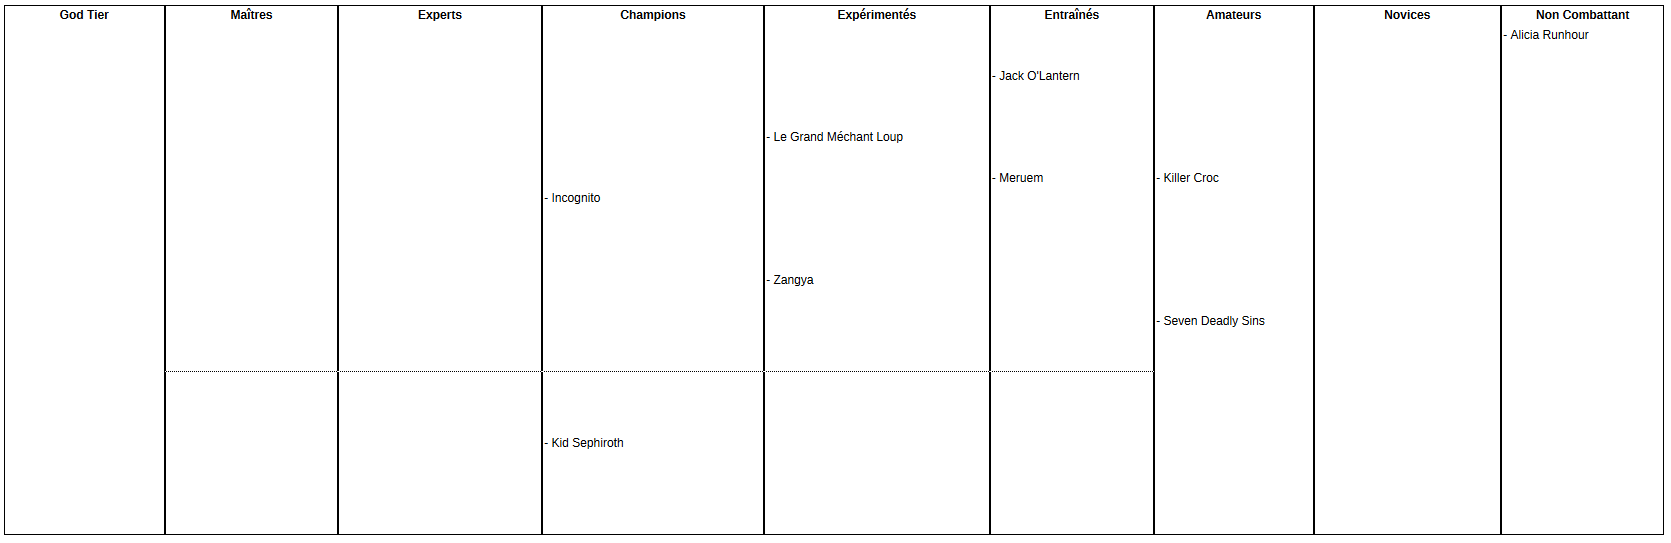 Le classement des puissances selon Incognito - Page 4 Classement-puissance-rpgdbz-v4